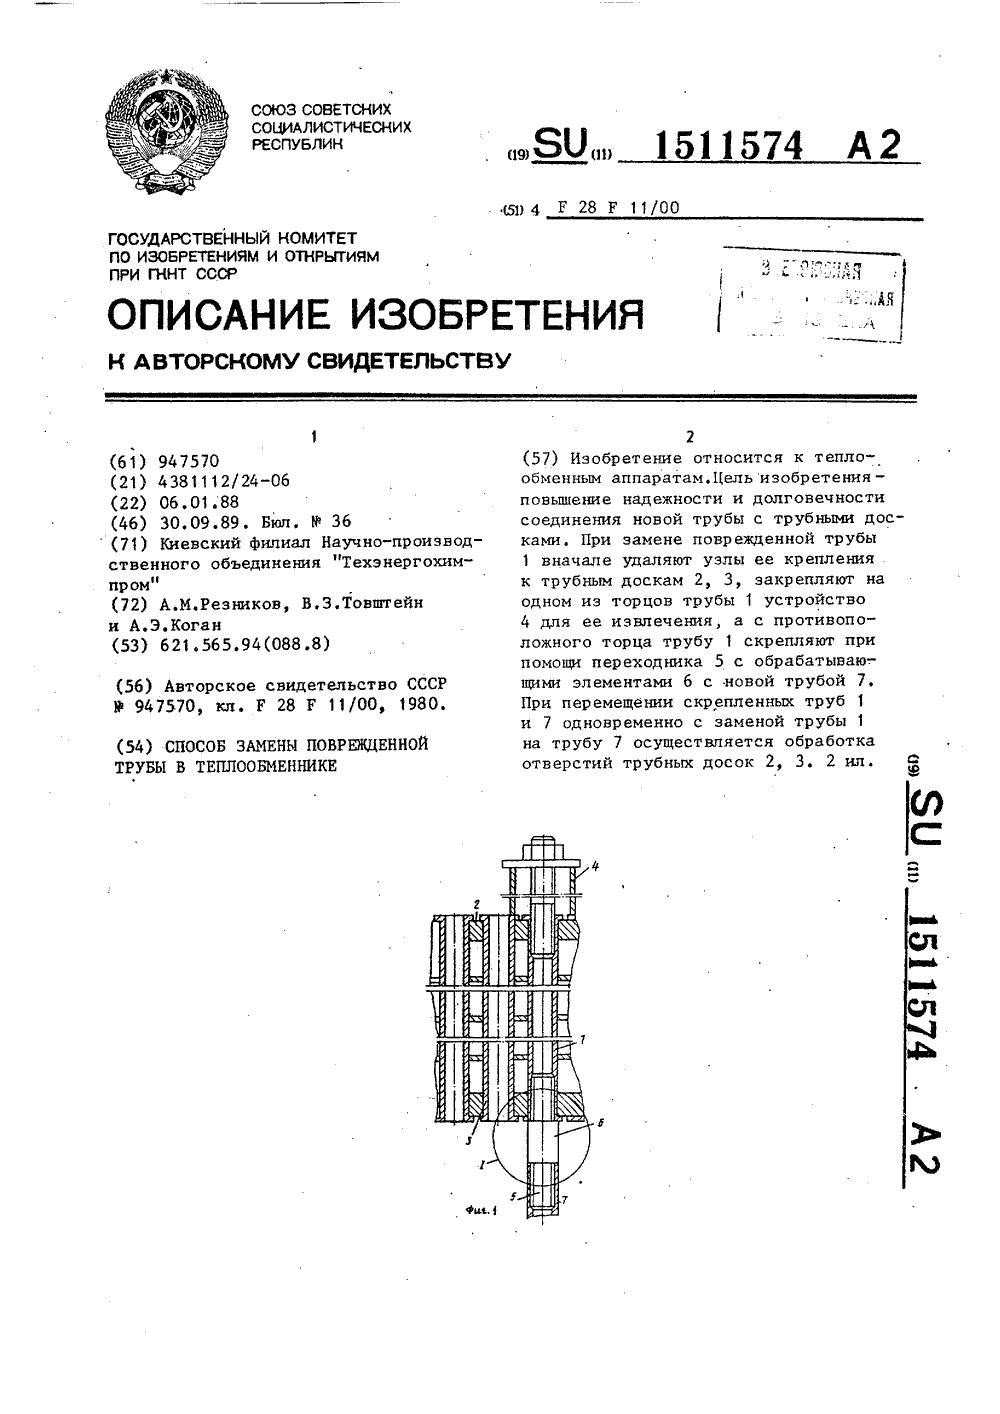 Замена труб в теплообменнике Паяный пластинчатый теплообменник Ридан XB52M Сарапул